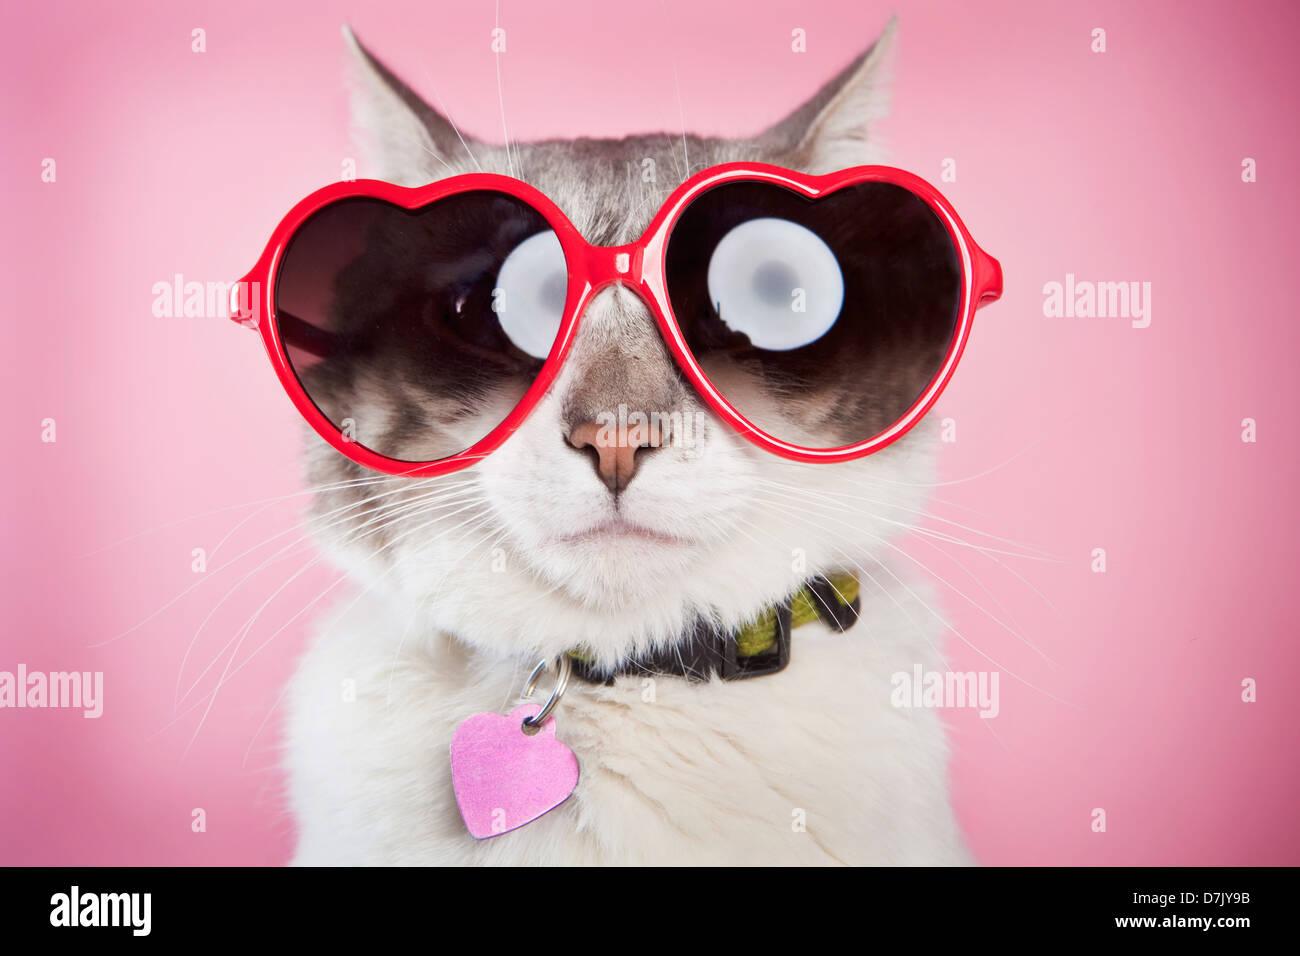 Valentine gato amor Roja posando con gafas de sol en contra de color rosa de fondo Foto de stock